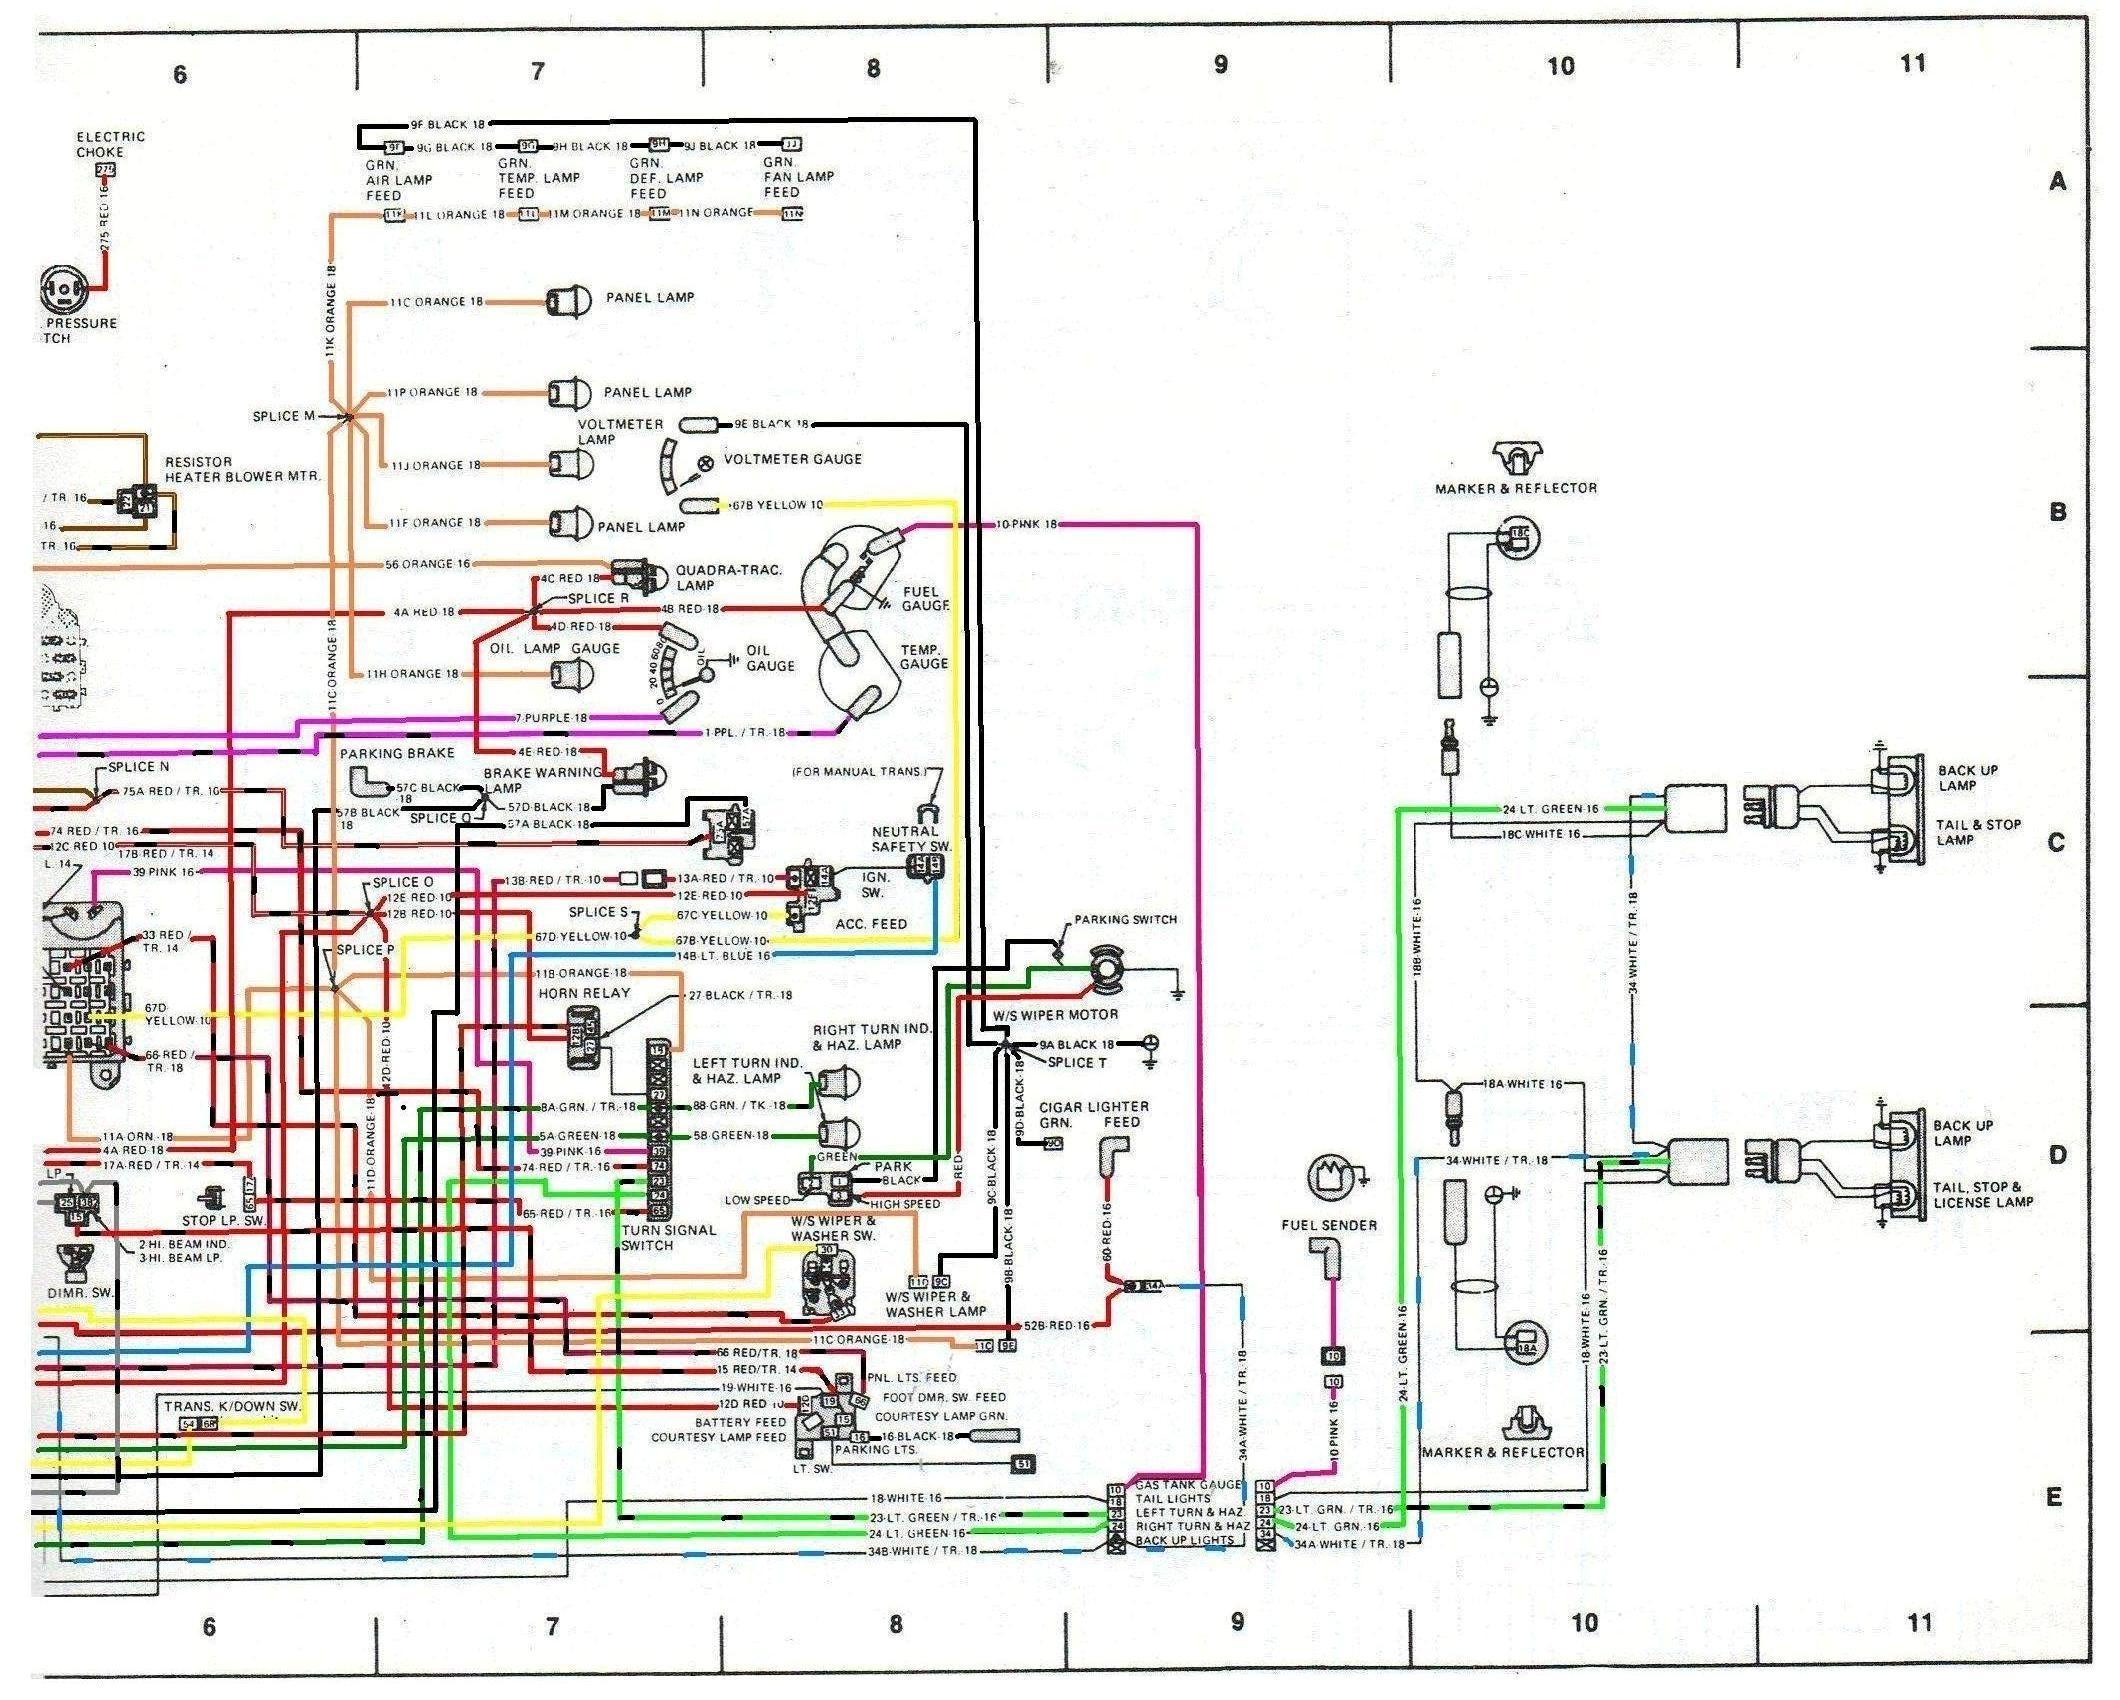 79 jeep cj7 alternator wiring diagram 85 jeep cj7 heater wiring diagram 83 jeep cj7 engine wiring diagram | wiring diagram #14